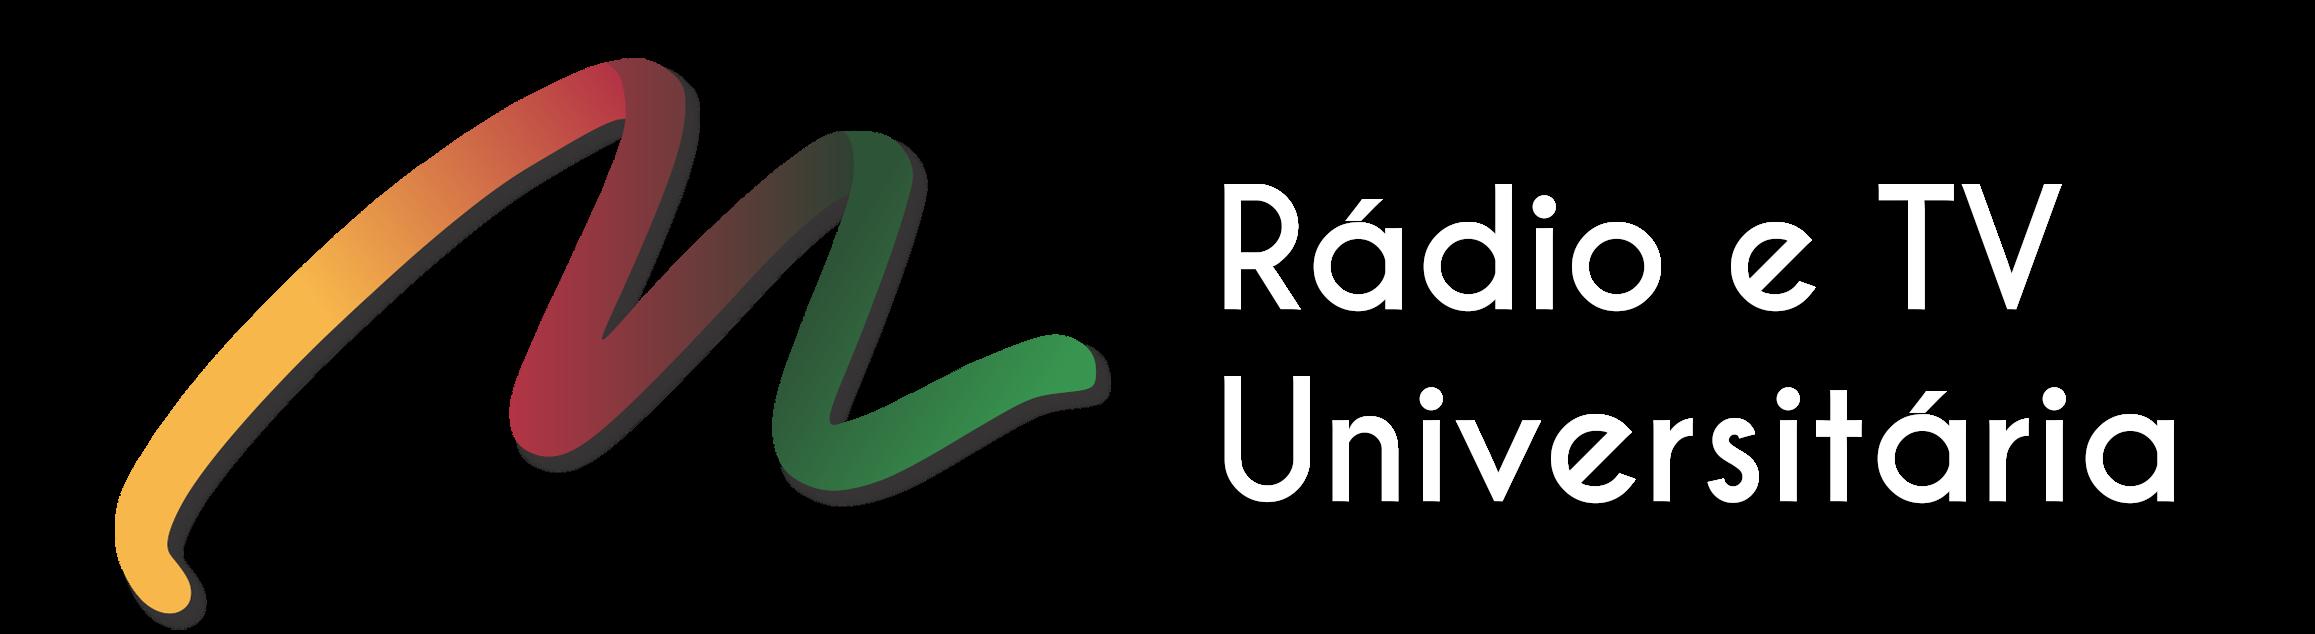 Rádio e TV Unifap 96.9 FM – Canal 46